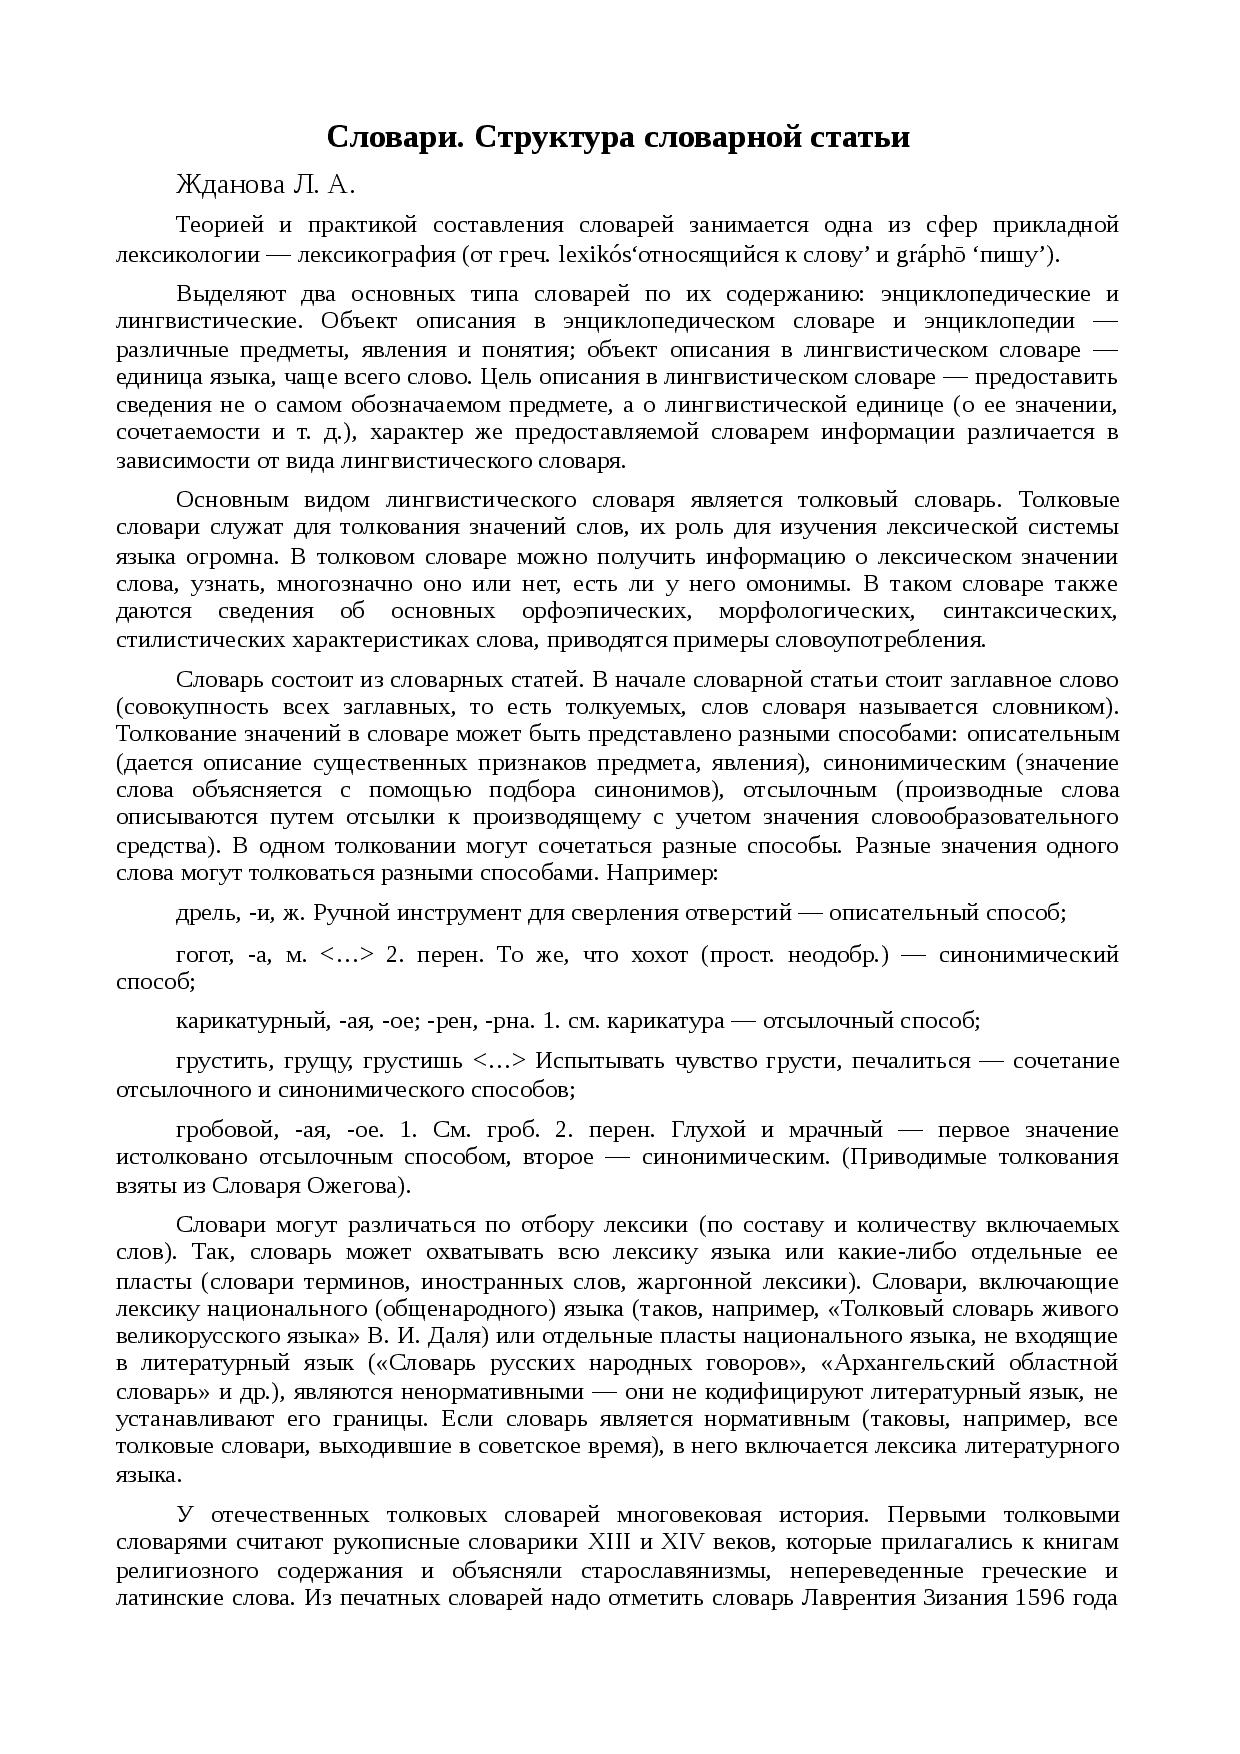 Словарная статья